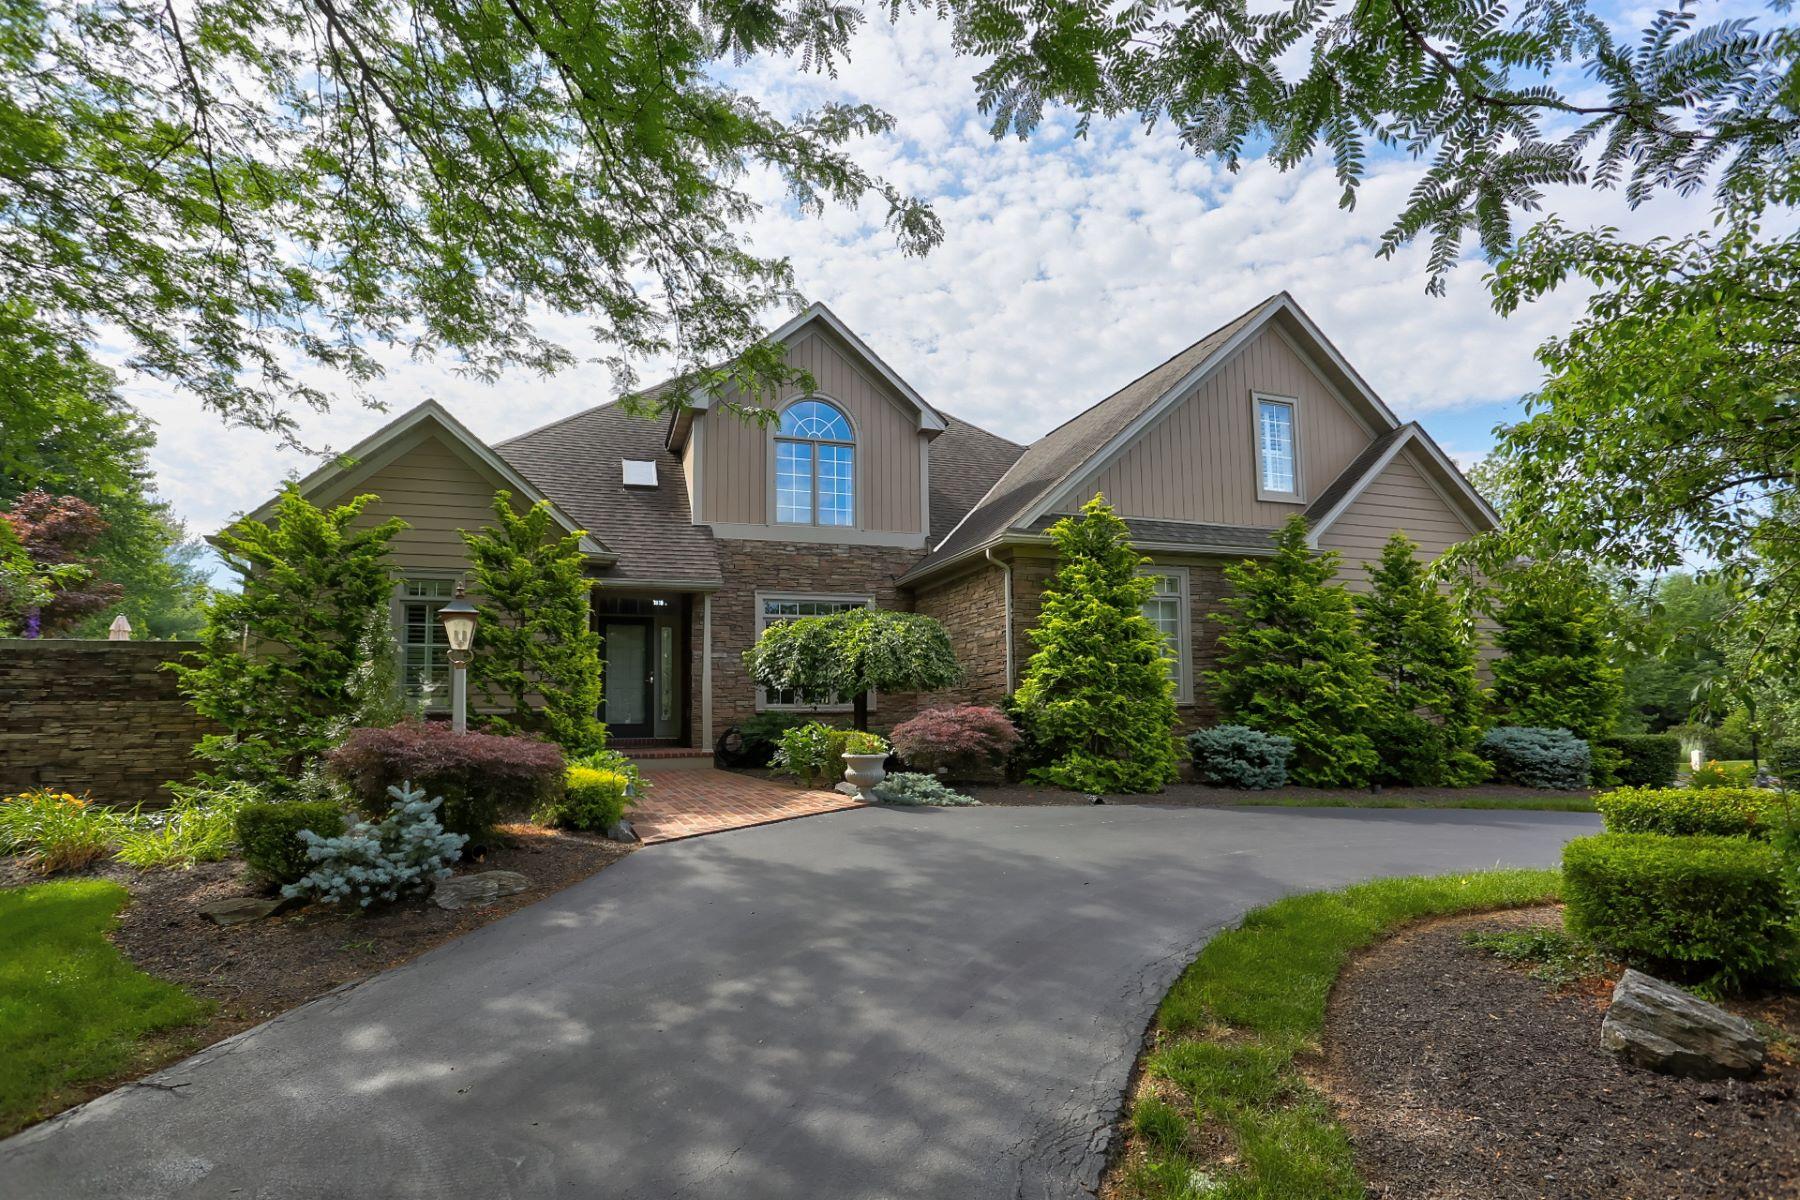 Частный односемейный дом для того Продажа на 354 N Farm Drive Lititz, Пенсильвания 17543 Соединенные Штаты